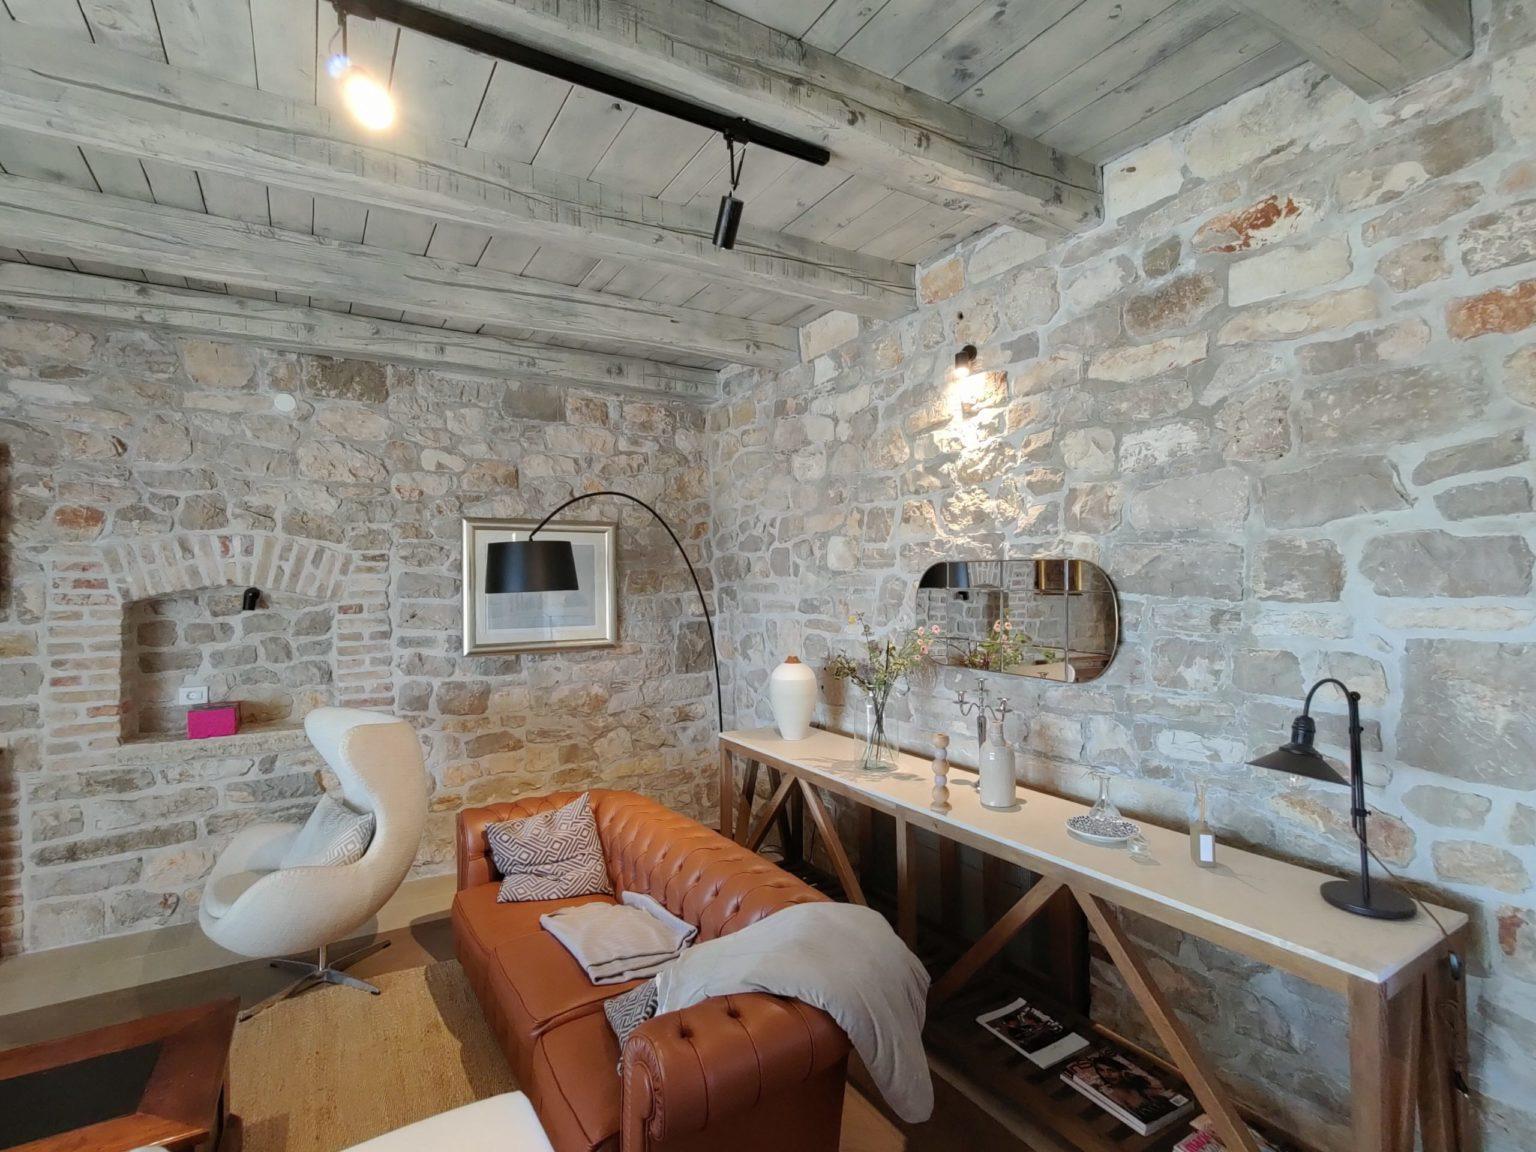 hochzeitslocation Kroatien location hochzeit heiraten 8 8 scaled - Moderne Villa